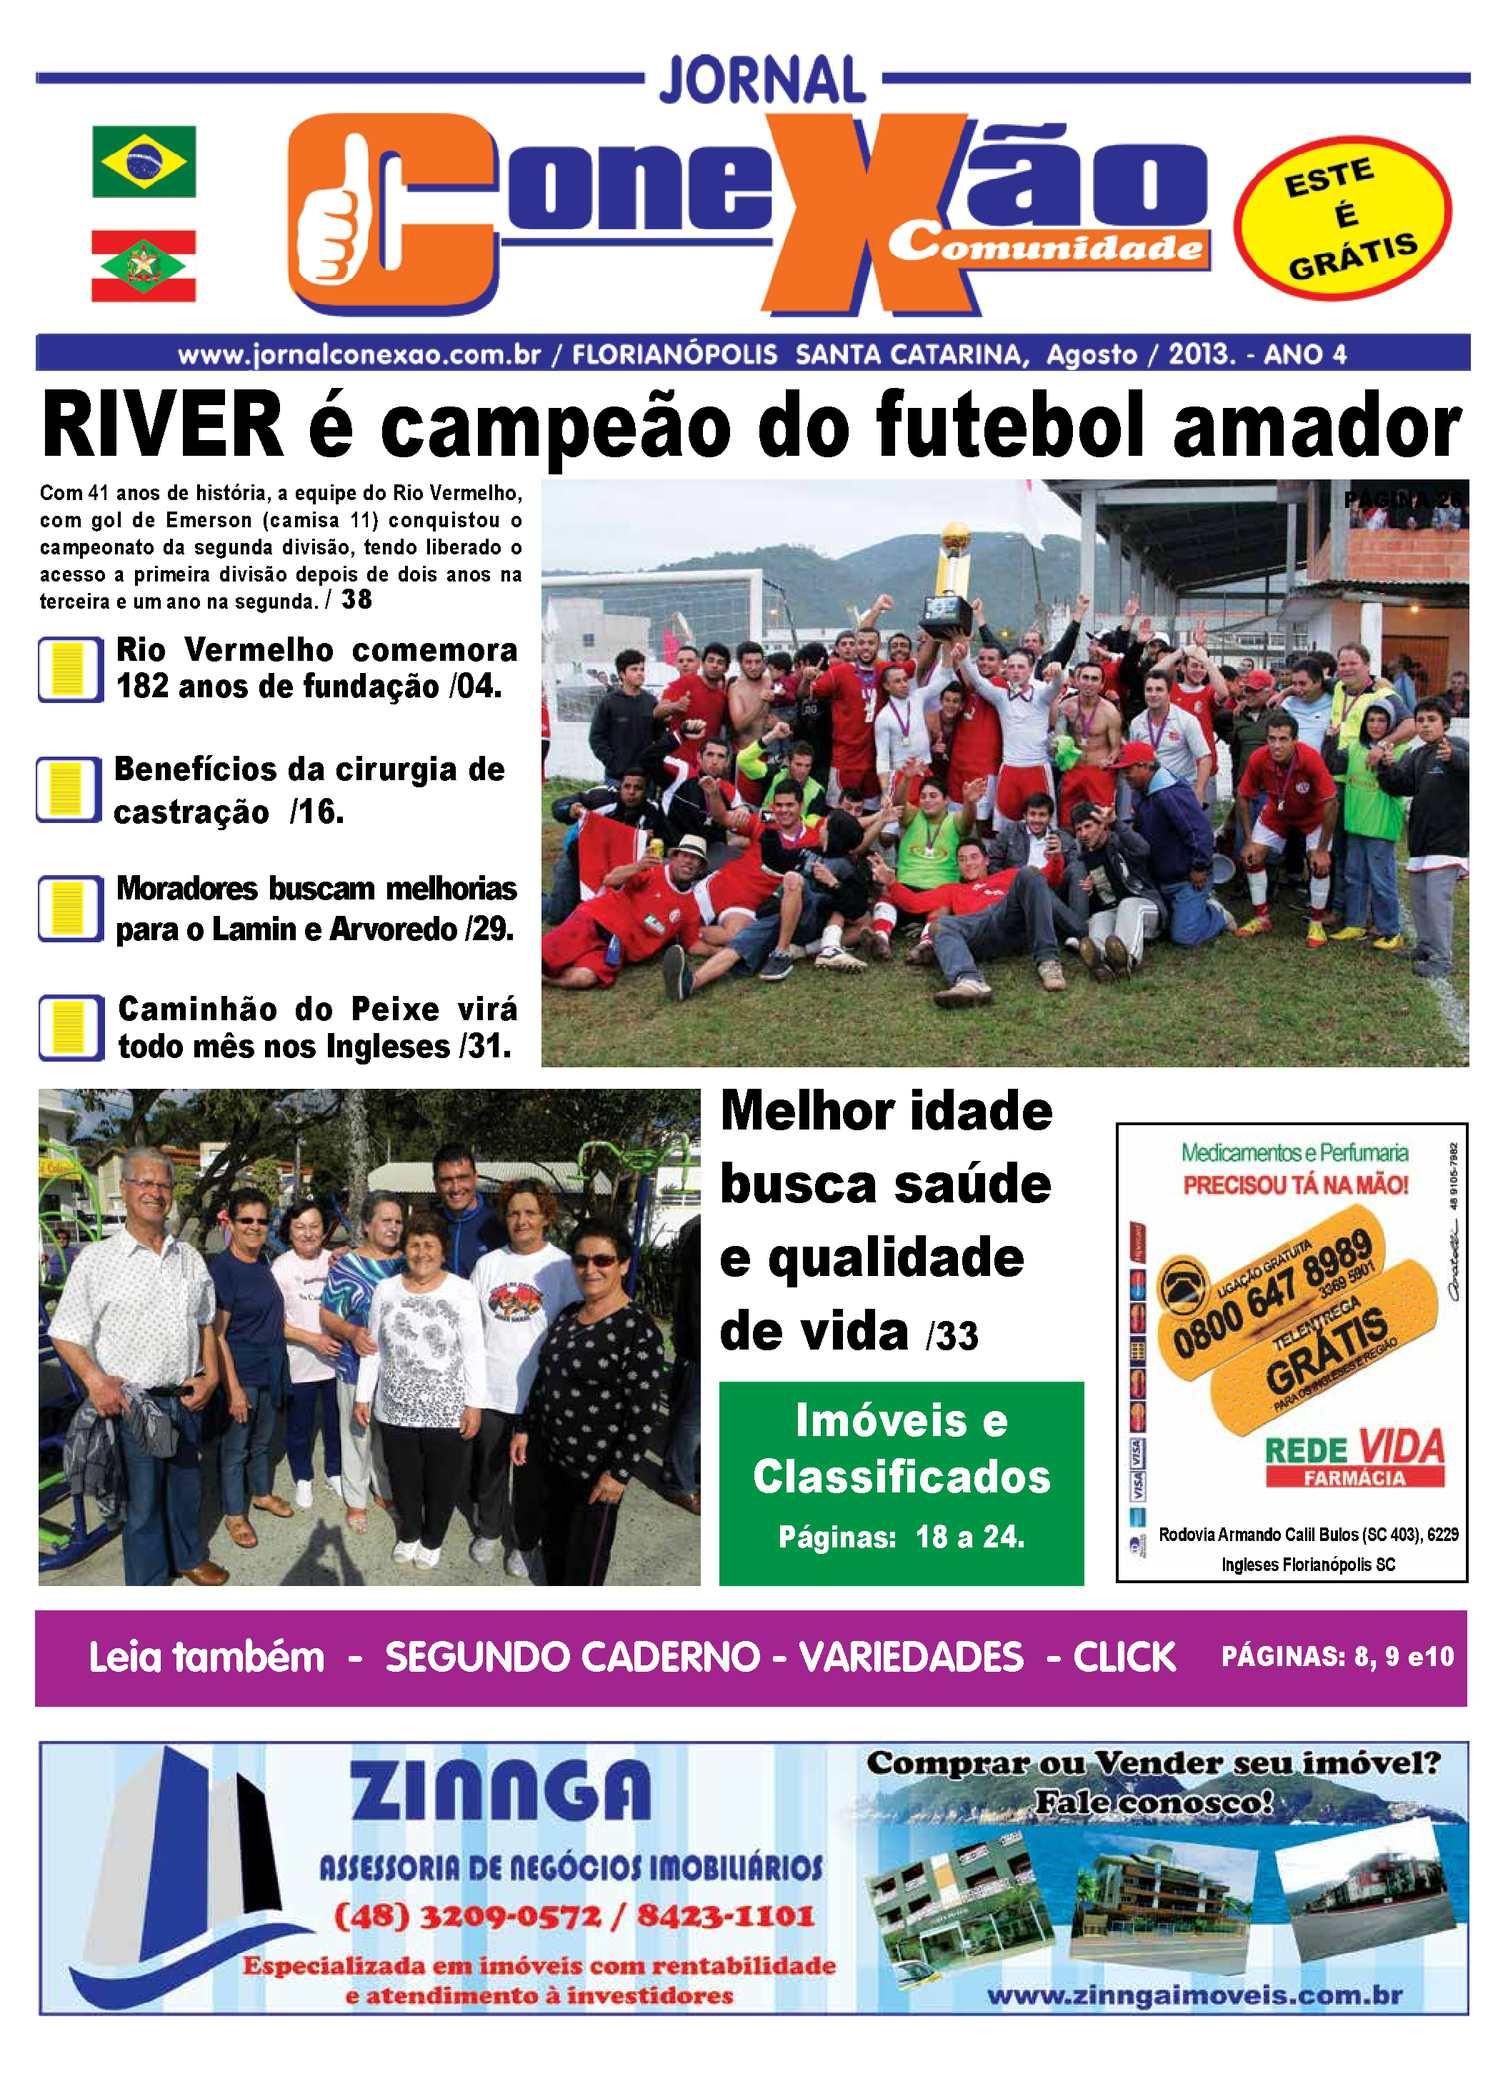 Calaméo - JORNAL CONEXÃO COMUNIDADE AGOSTO 2013 2f920ece110f6